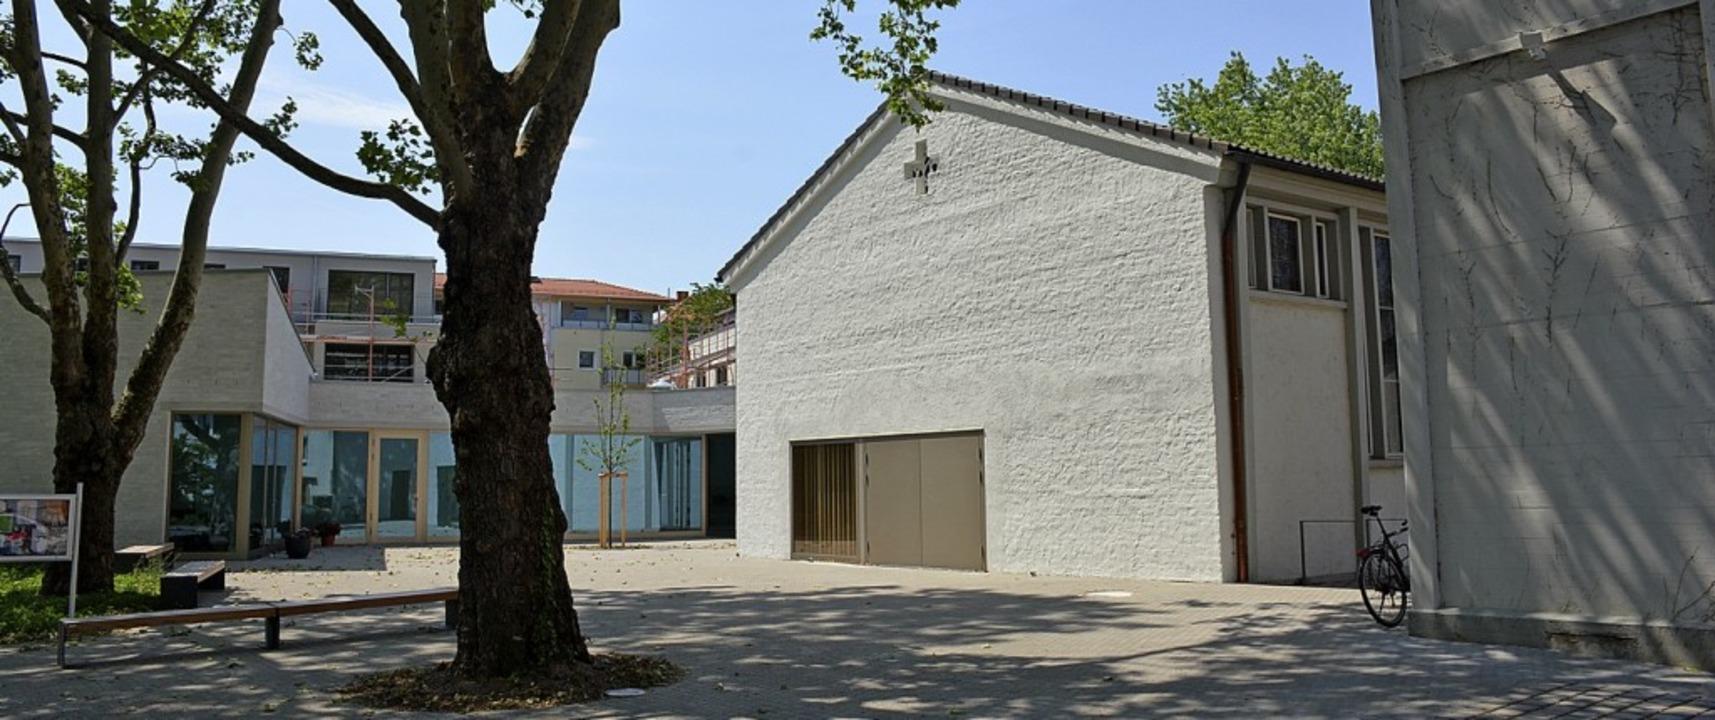 Das neue Zentrum der Johannes-Gemeinde   | Foto: Hannes Lauber